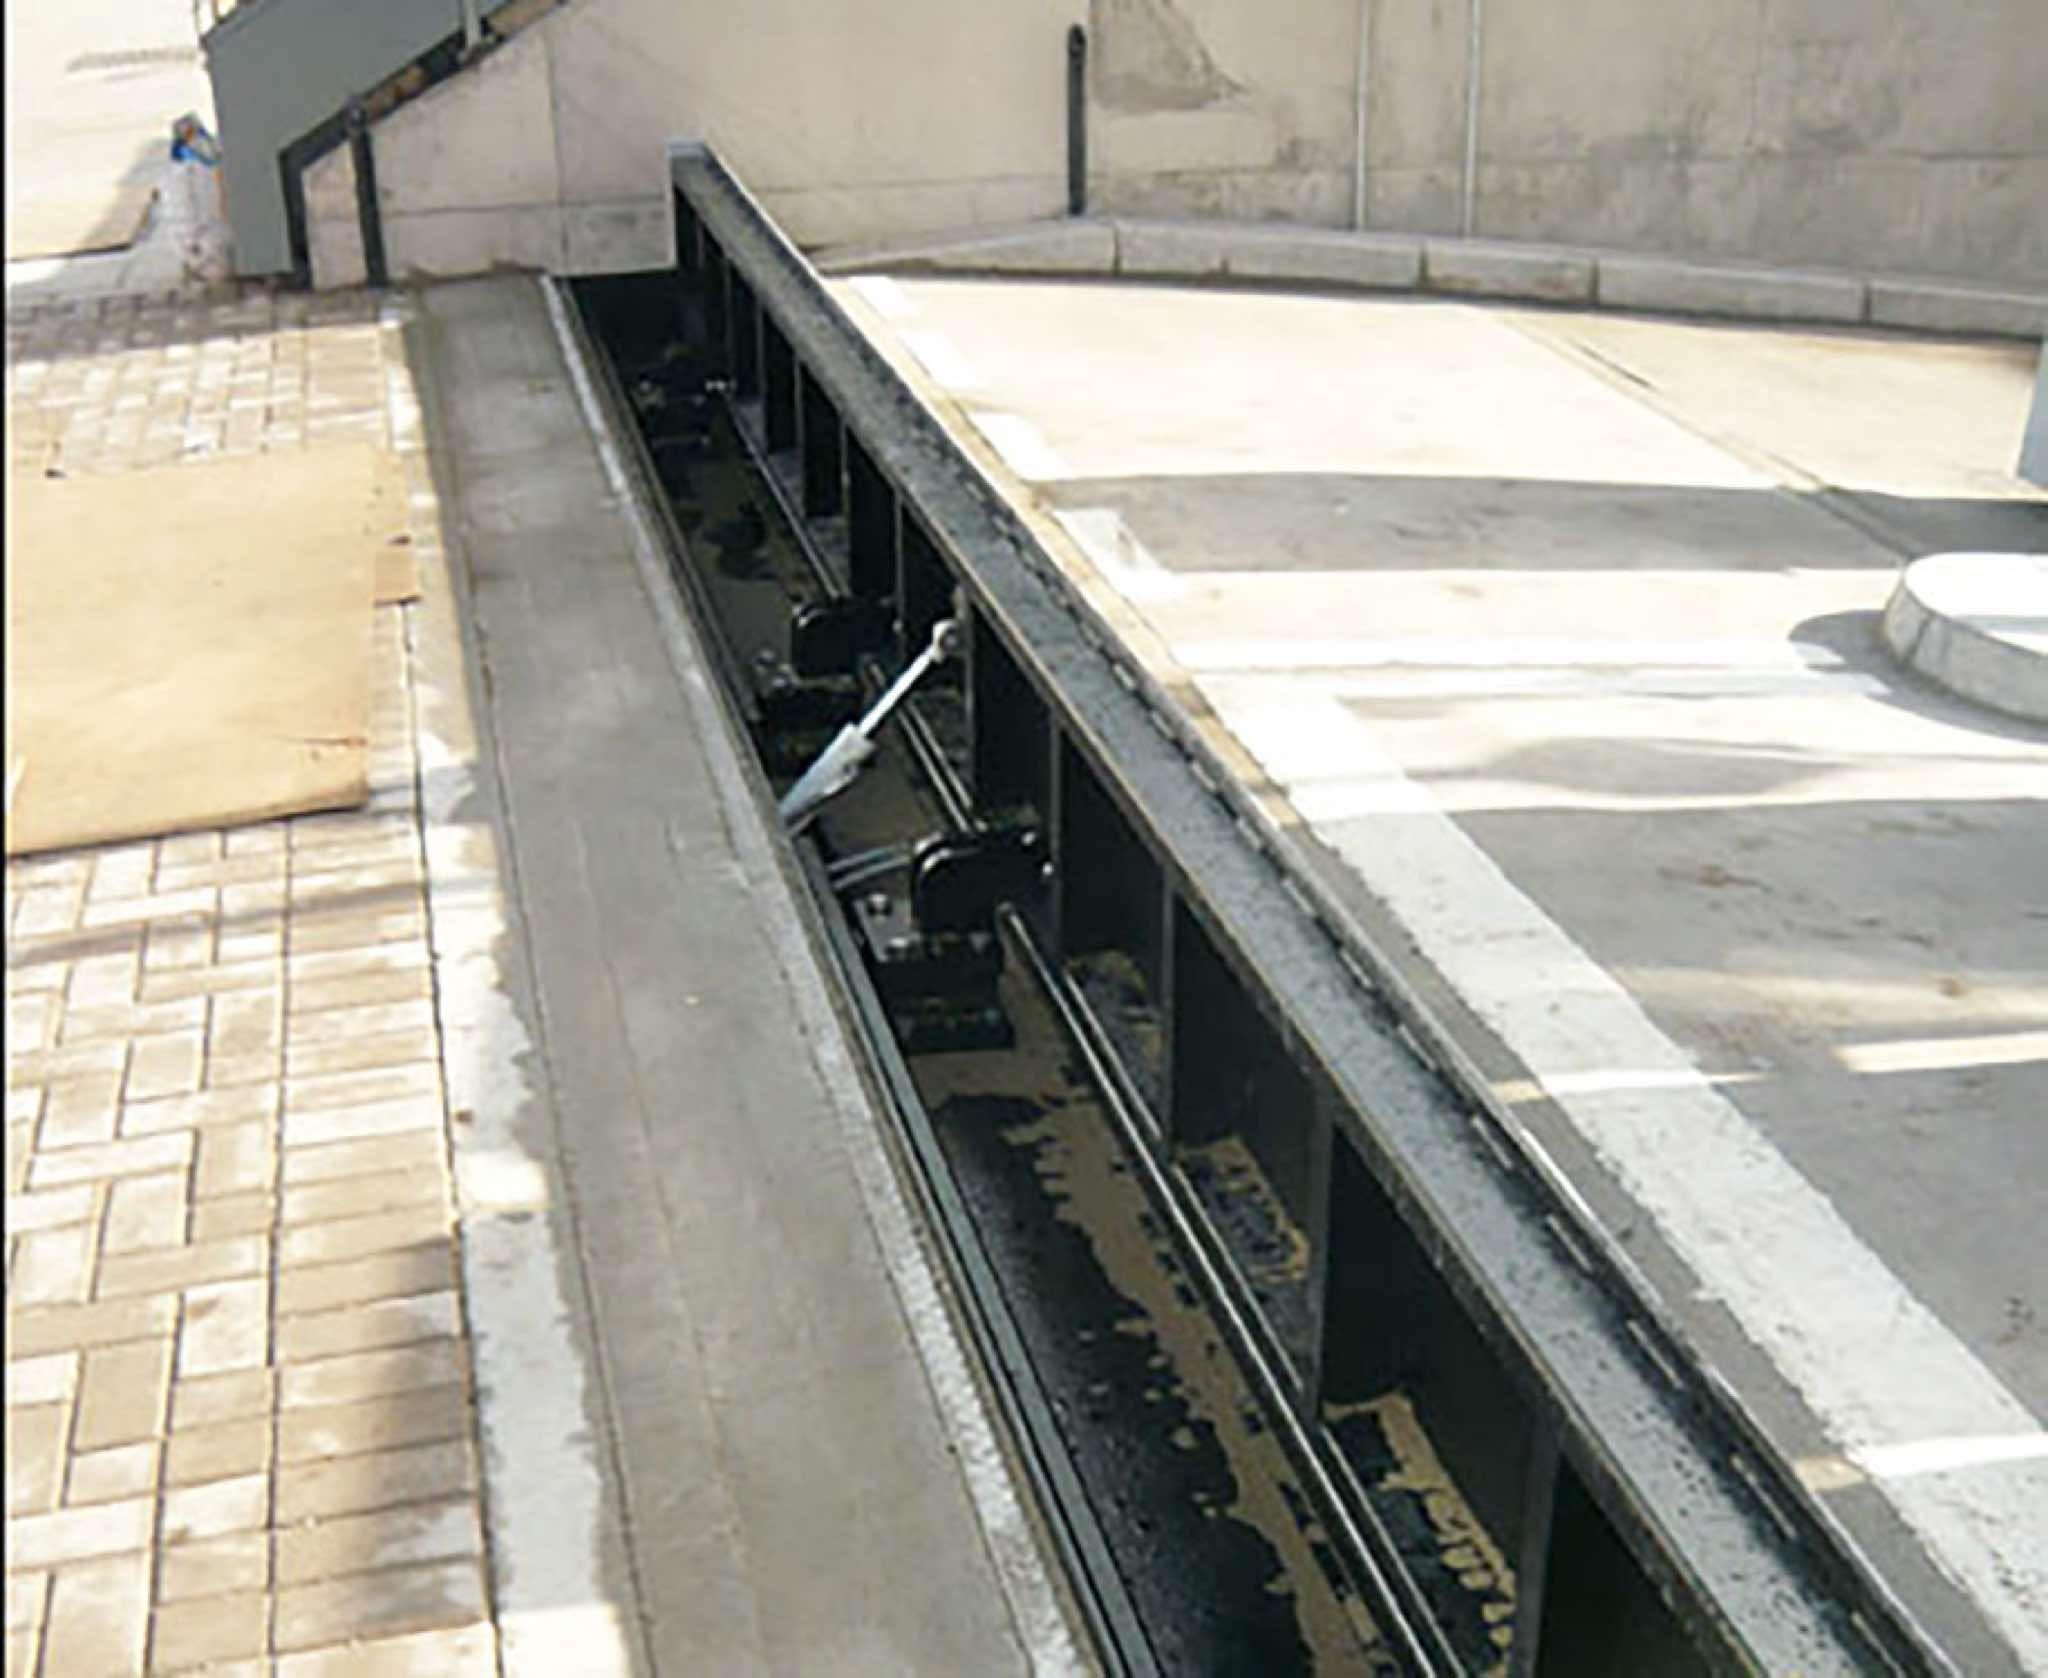 Flip Up Flood Barriers A Permanent Flood Defence Solution Flood Barrier Flood Protection Flood